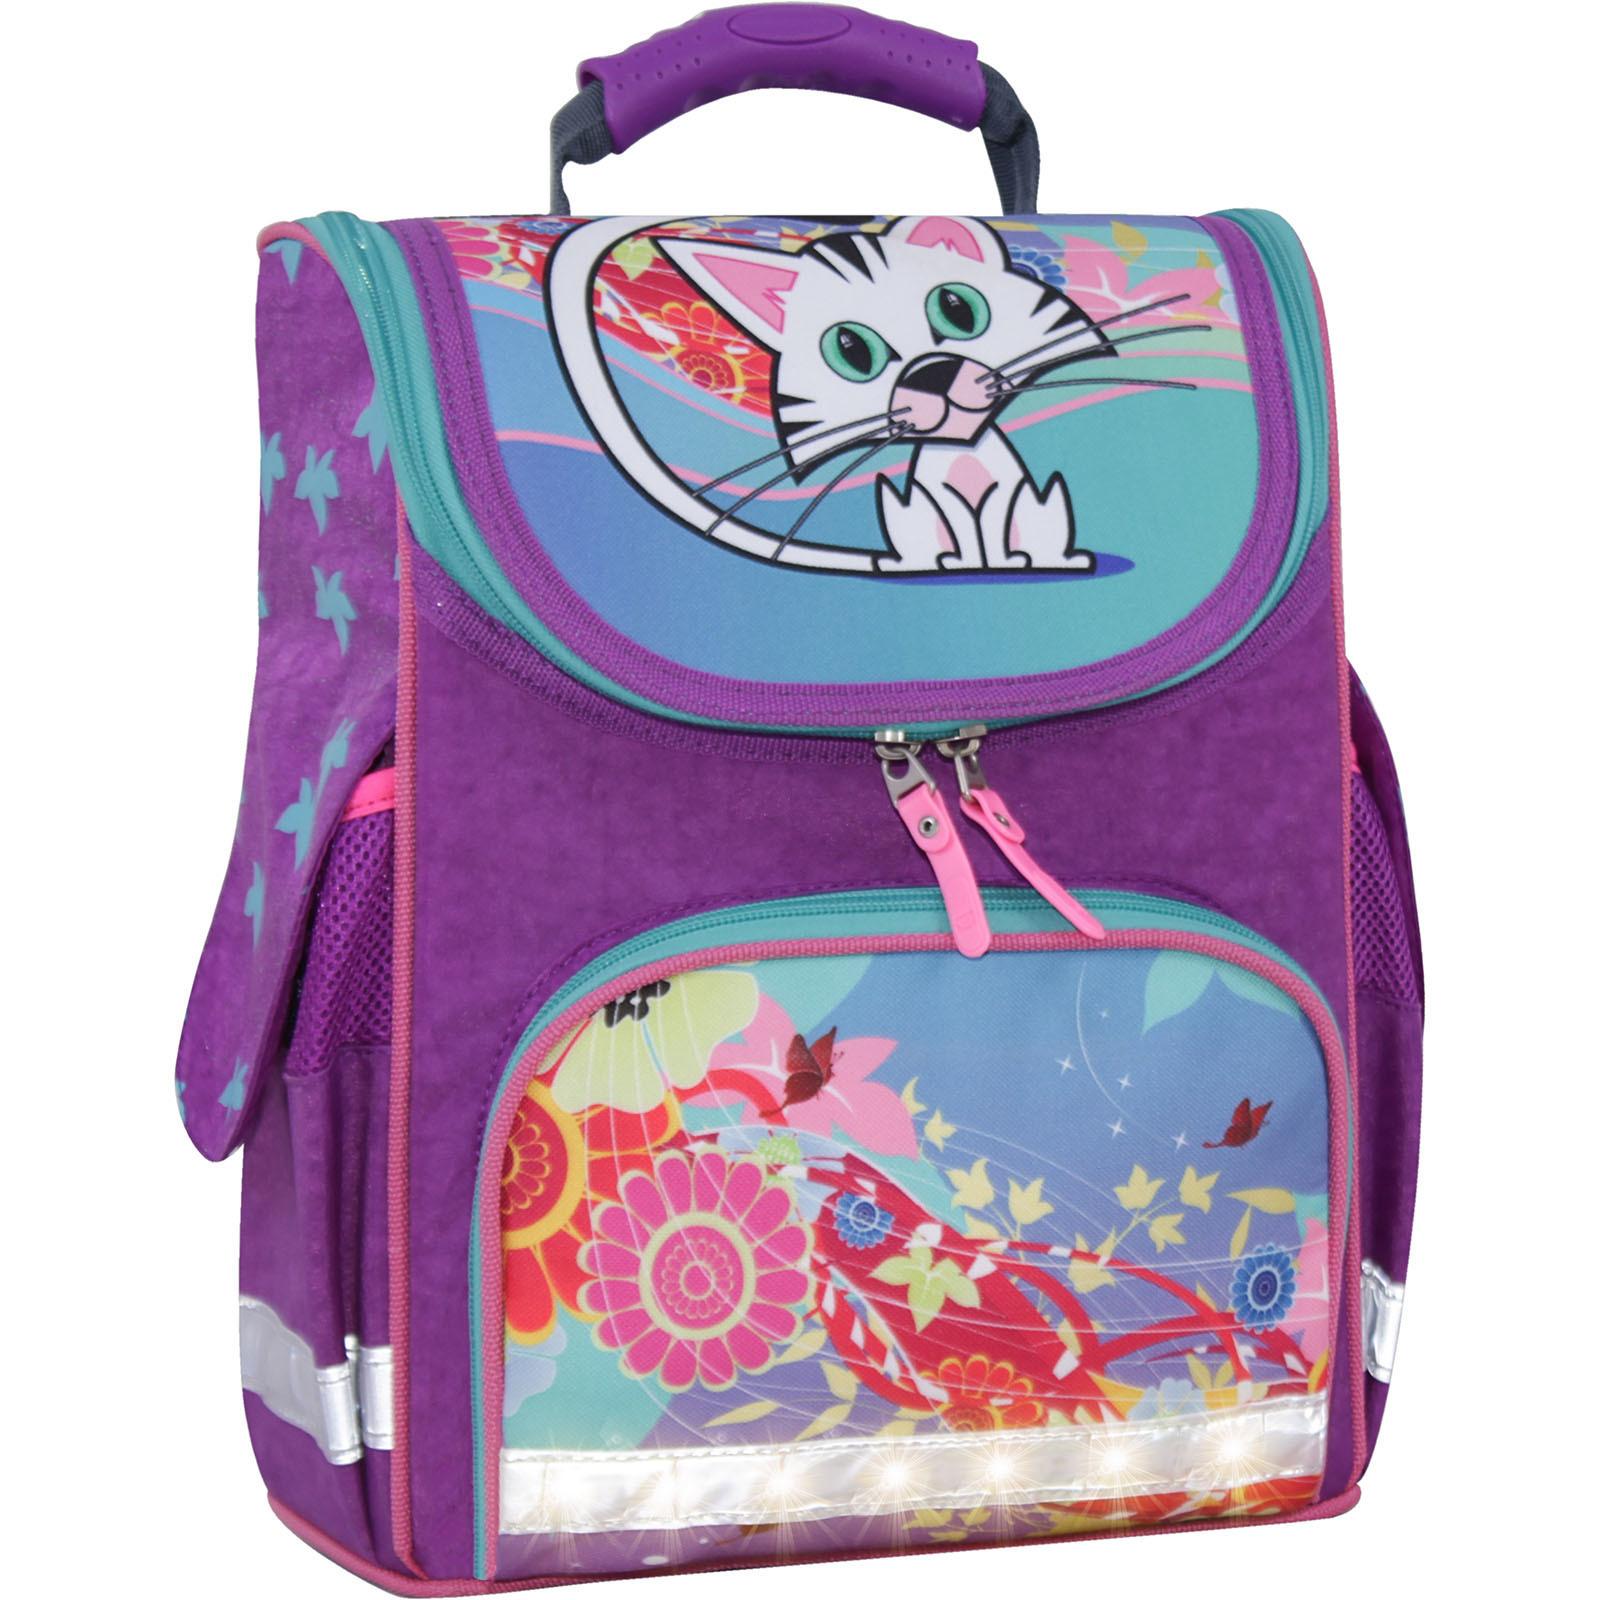 Для детей Рюкзак школьный каркасный с фонариками Bagland Успех 12 л. фиолетовый 502 (00551703) IMG_3869сет.суб502-1600.jpg